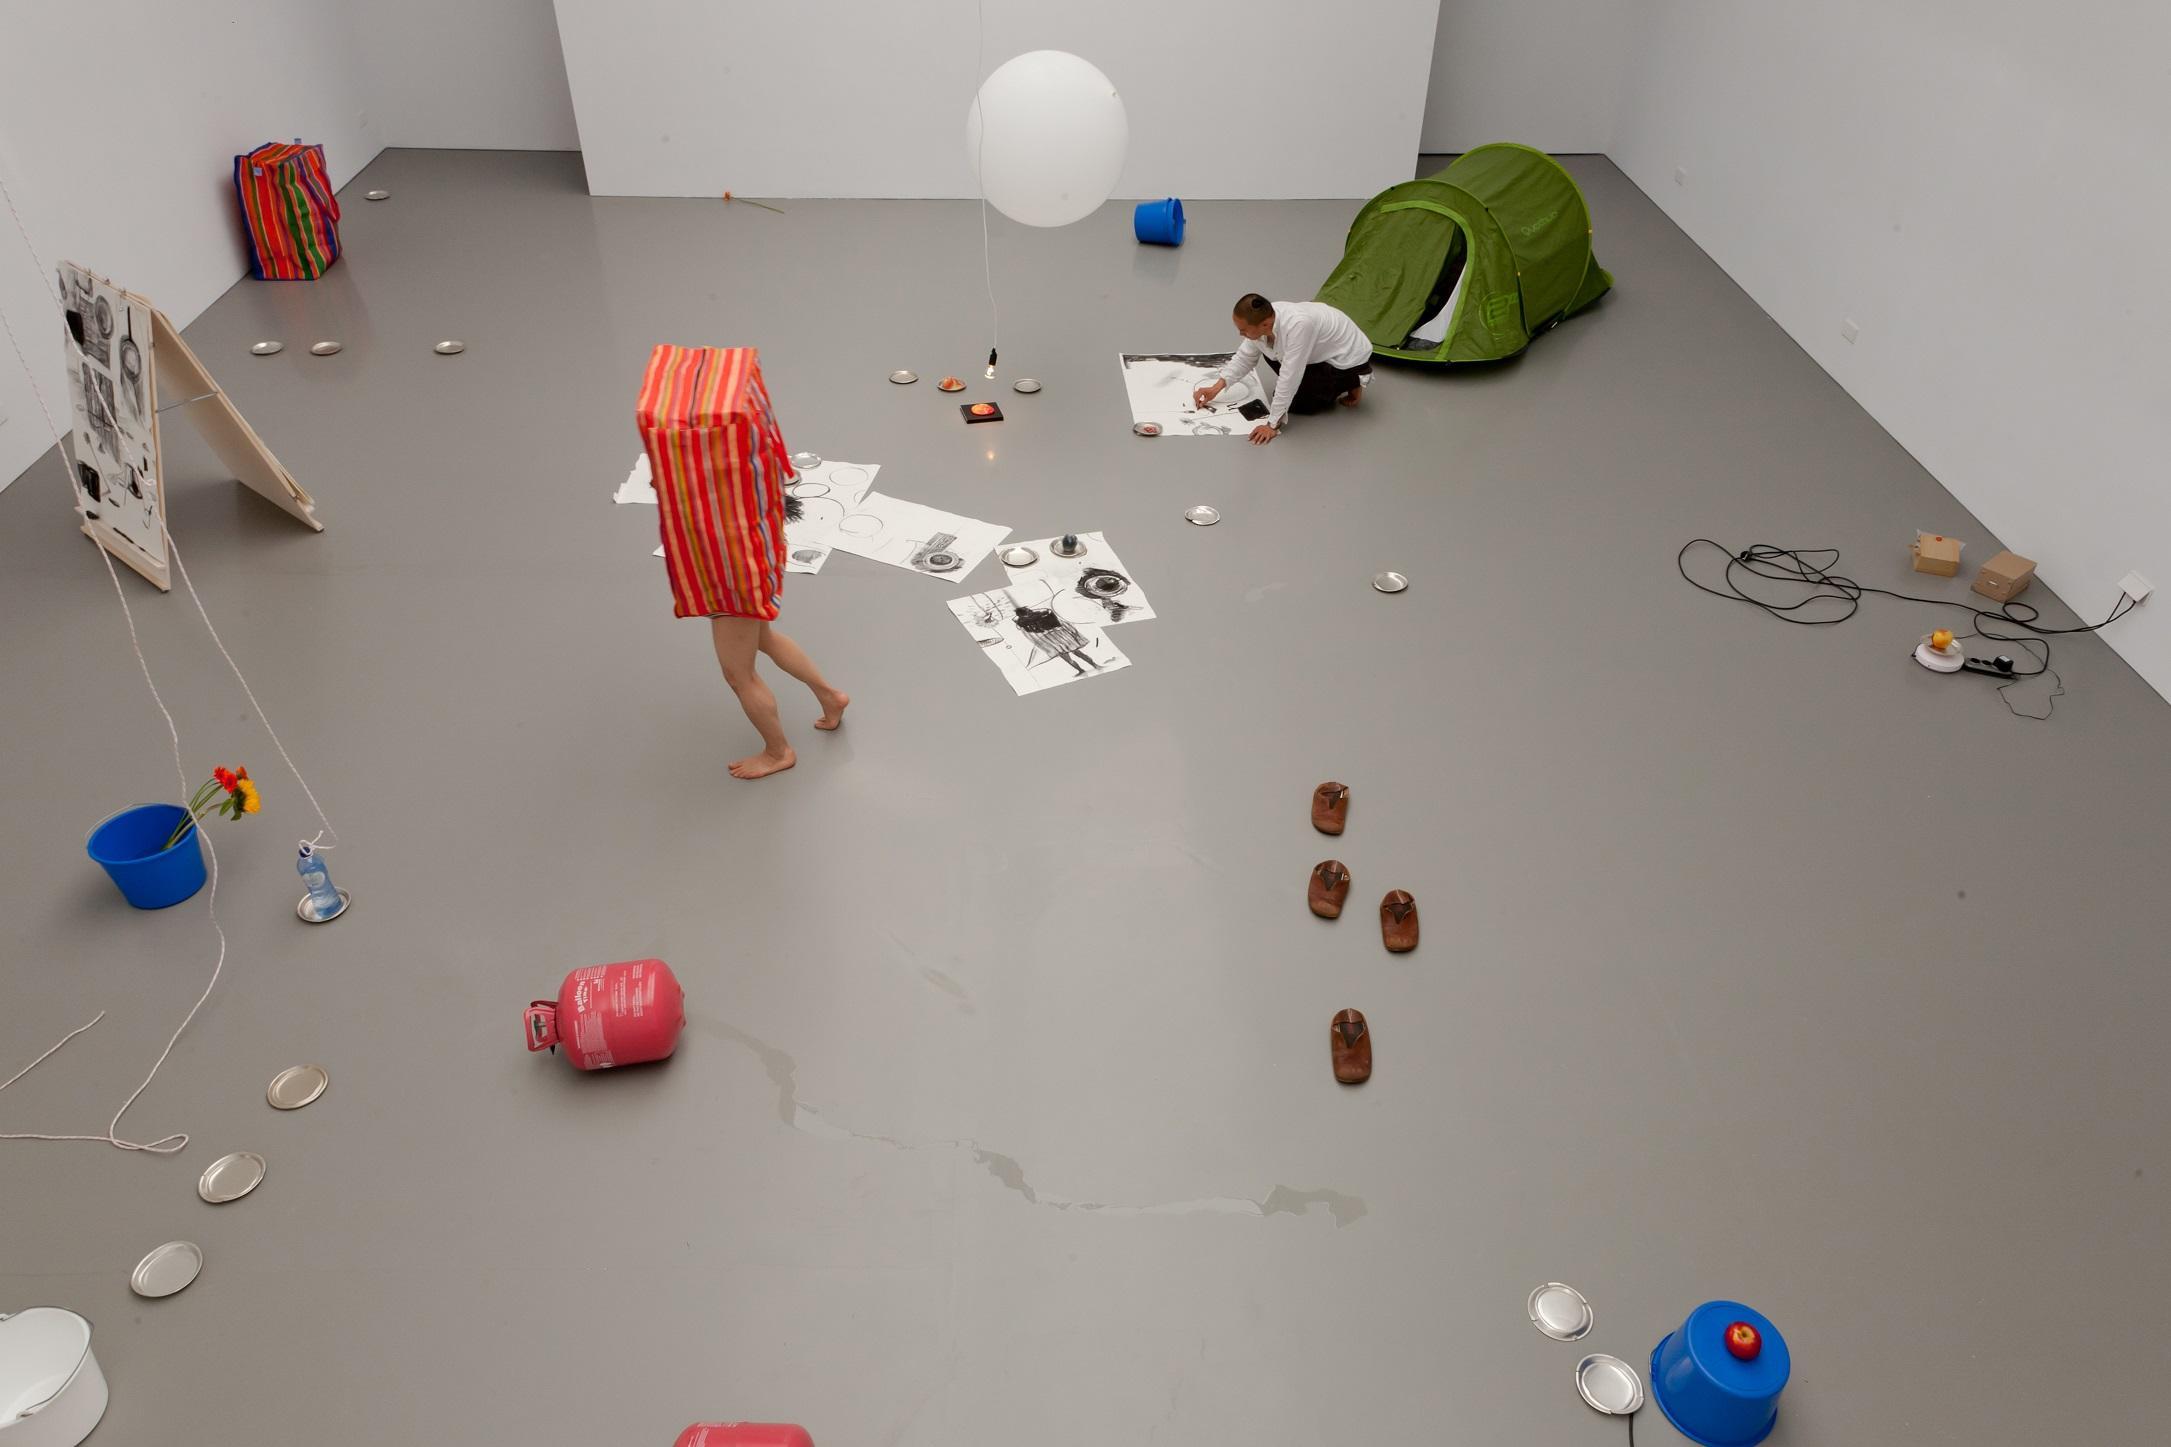 国立新美術館で開催中の「20th DOMANI・明日展」文化庁新進芸術家海外研修制度の成果に卒業生4名が参加 -- 多摩美術大学